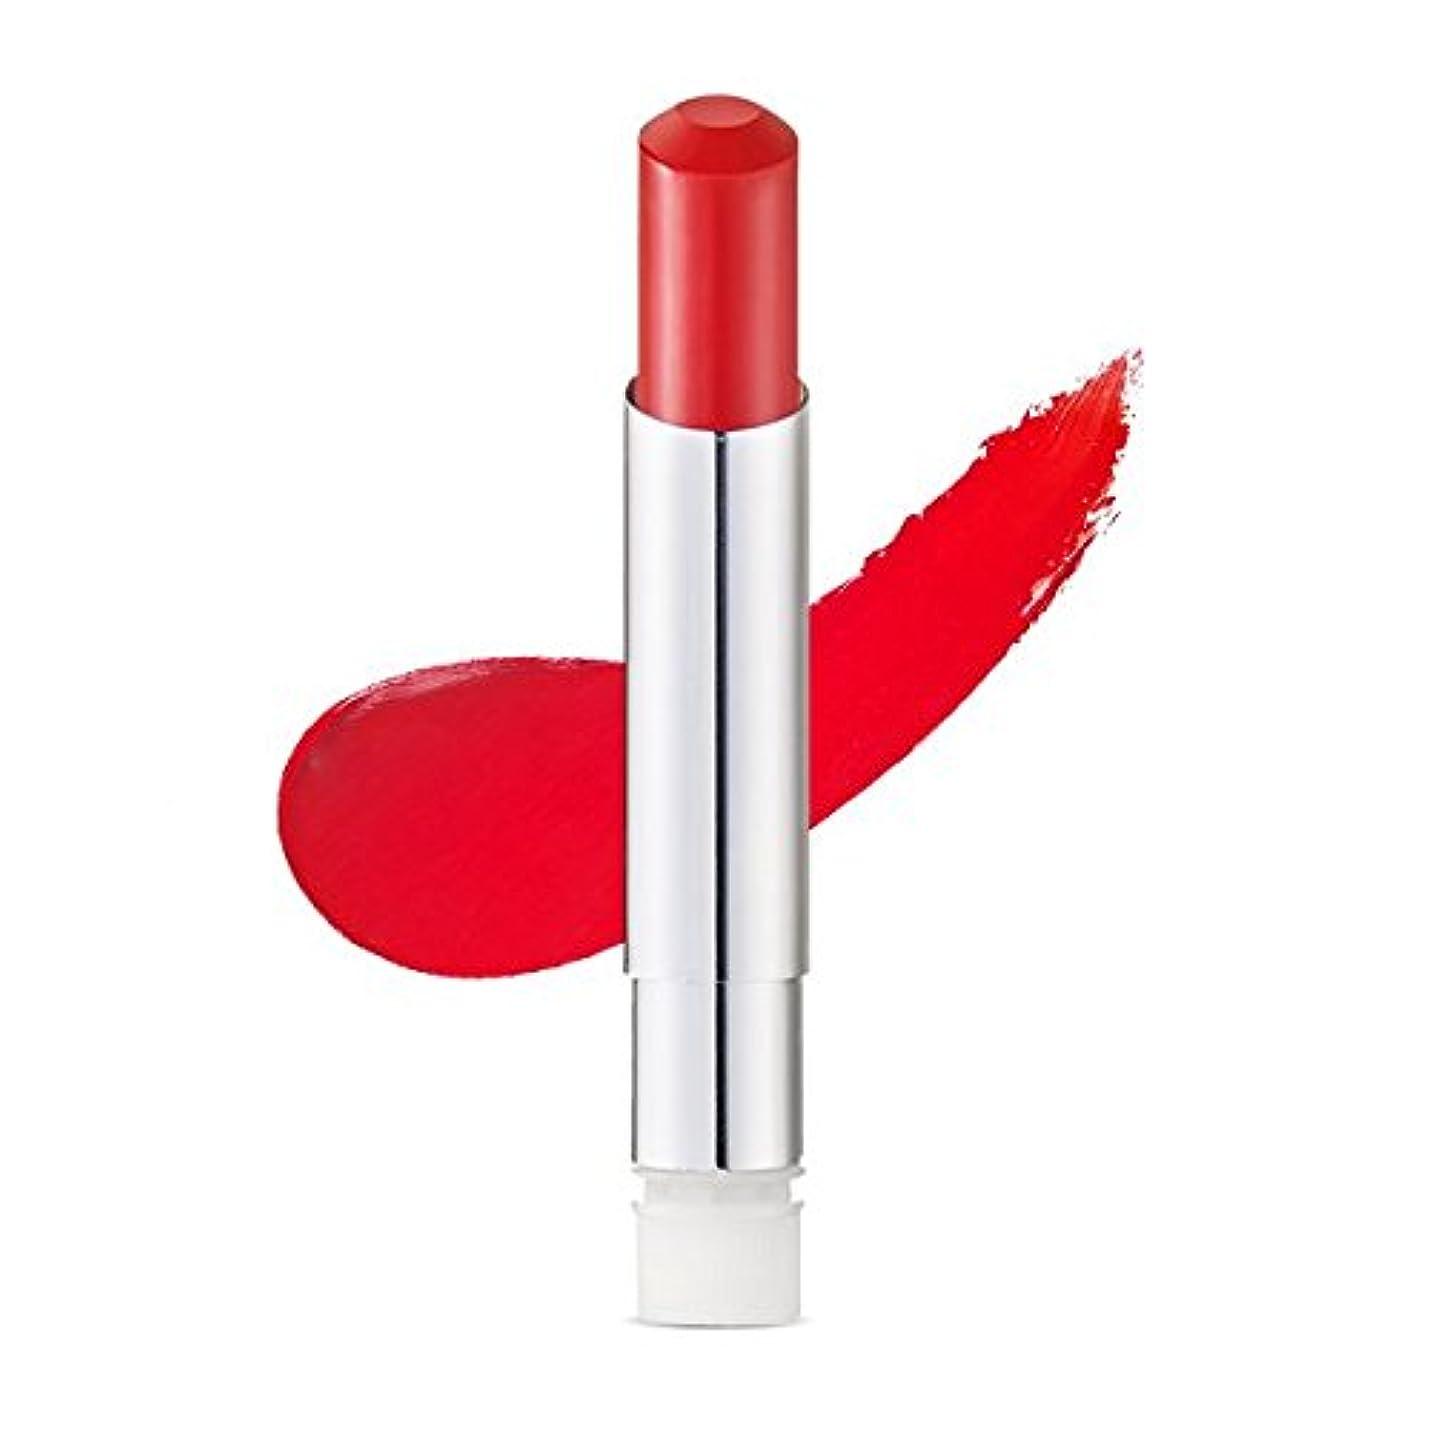 小道具ファックス勝利したEtude House Matte Tinting Lips Talk (RD303) / エチュードハウス ディアマイ マットティントリップトーク [並行輸入品]